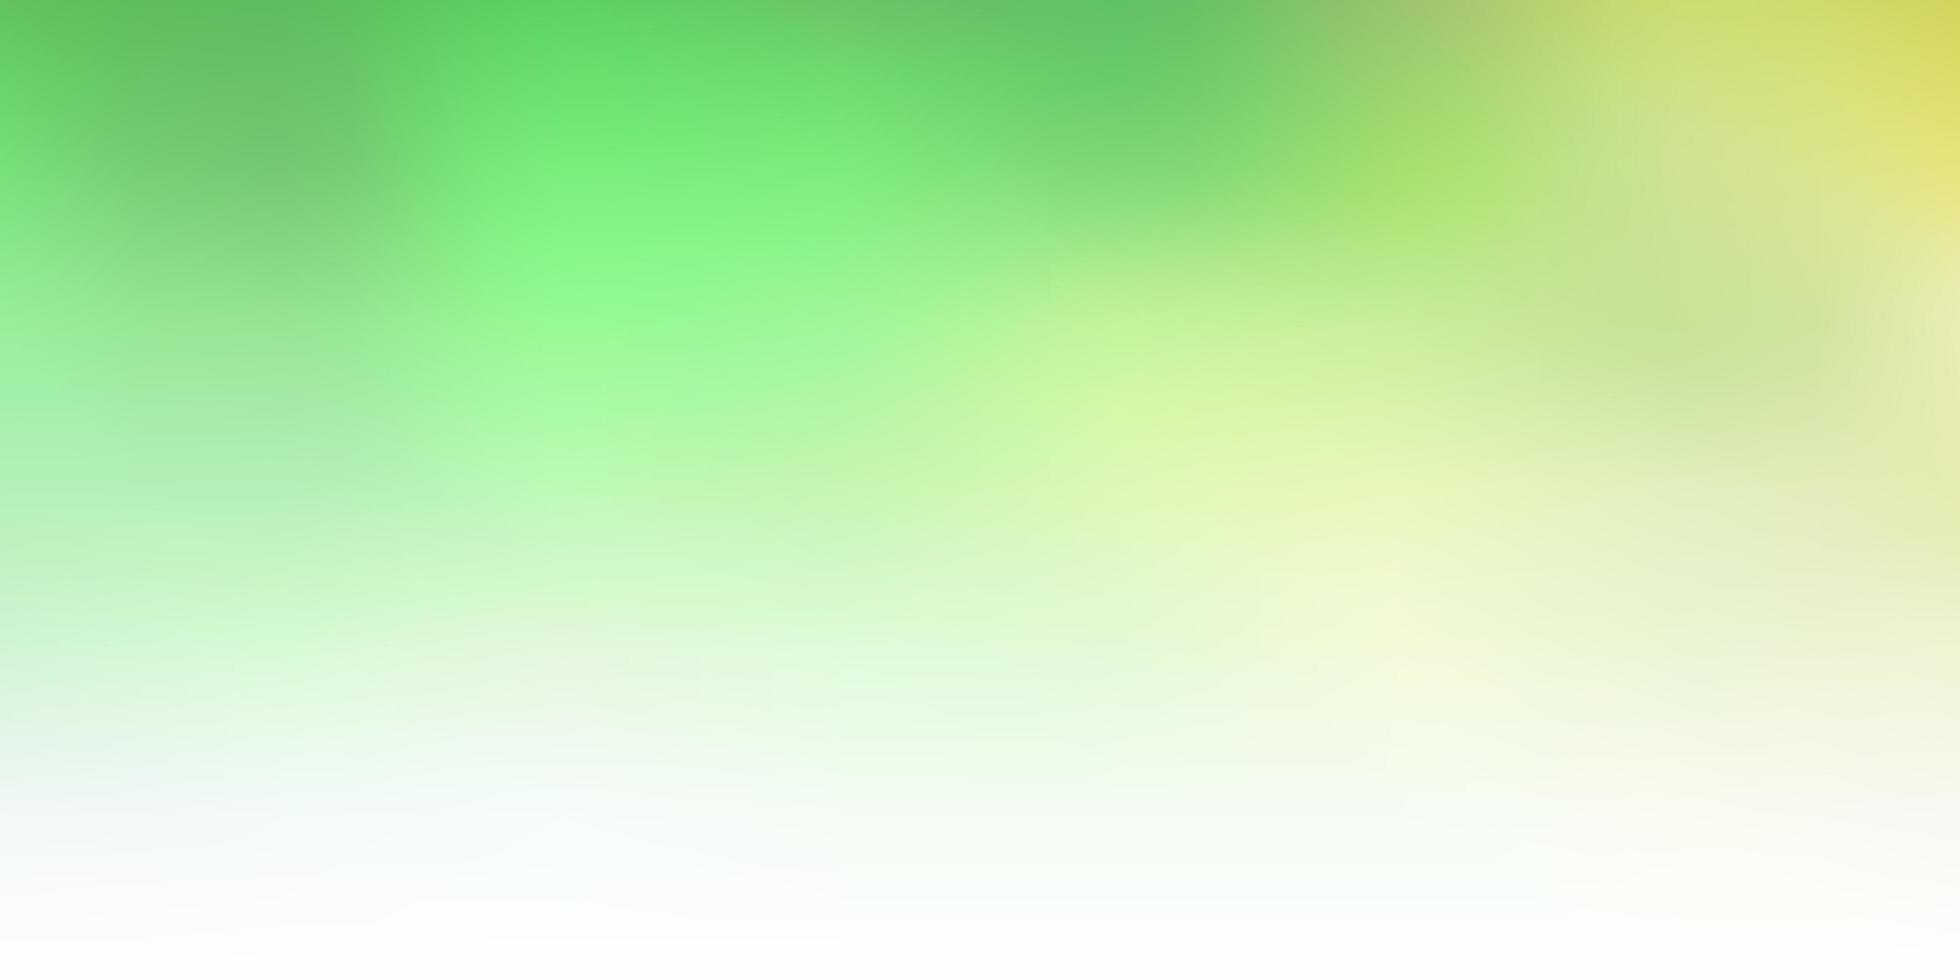 Fondo de desenfoque abstracto de vector verde claro, amarillo.